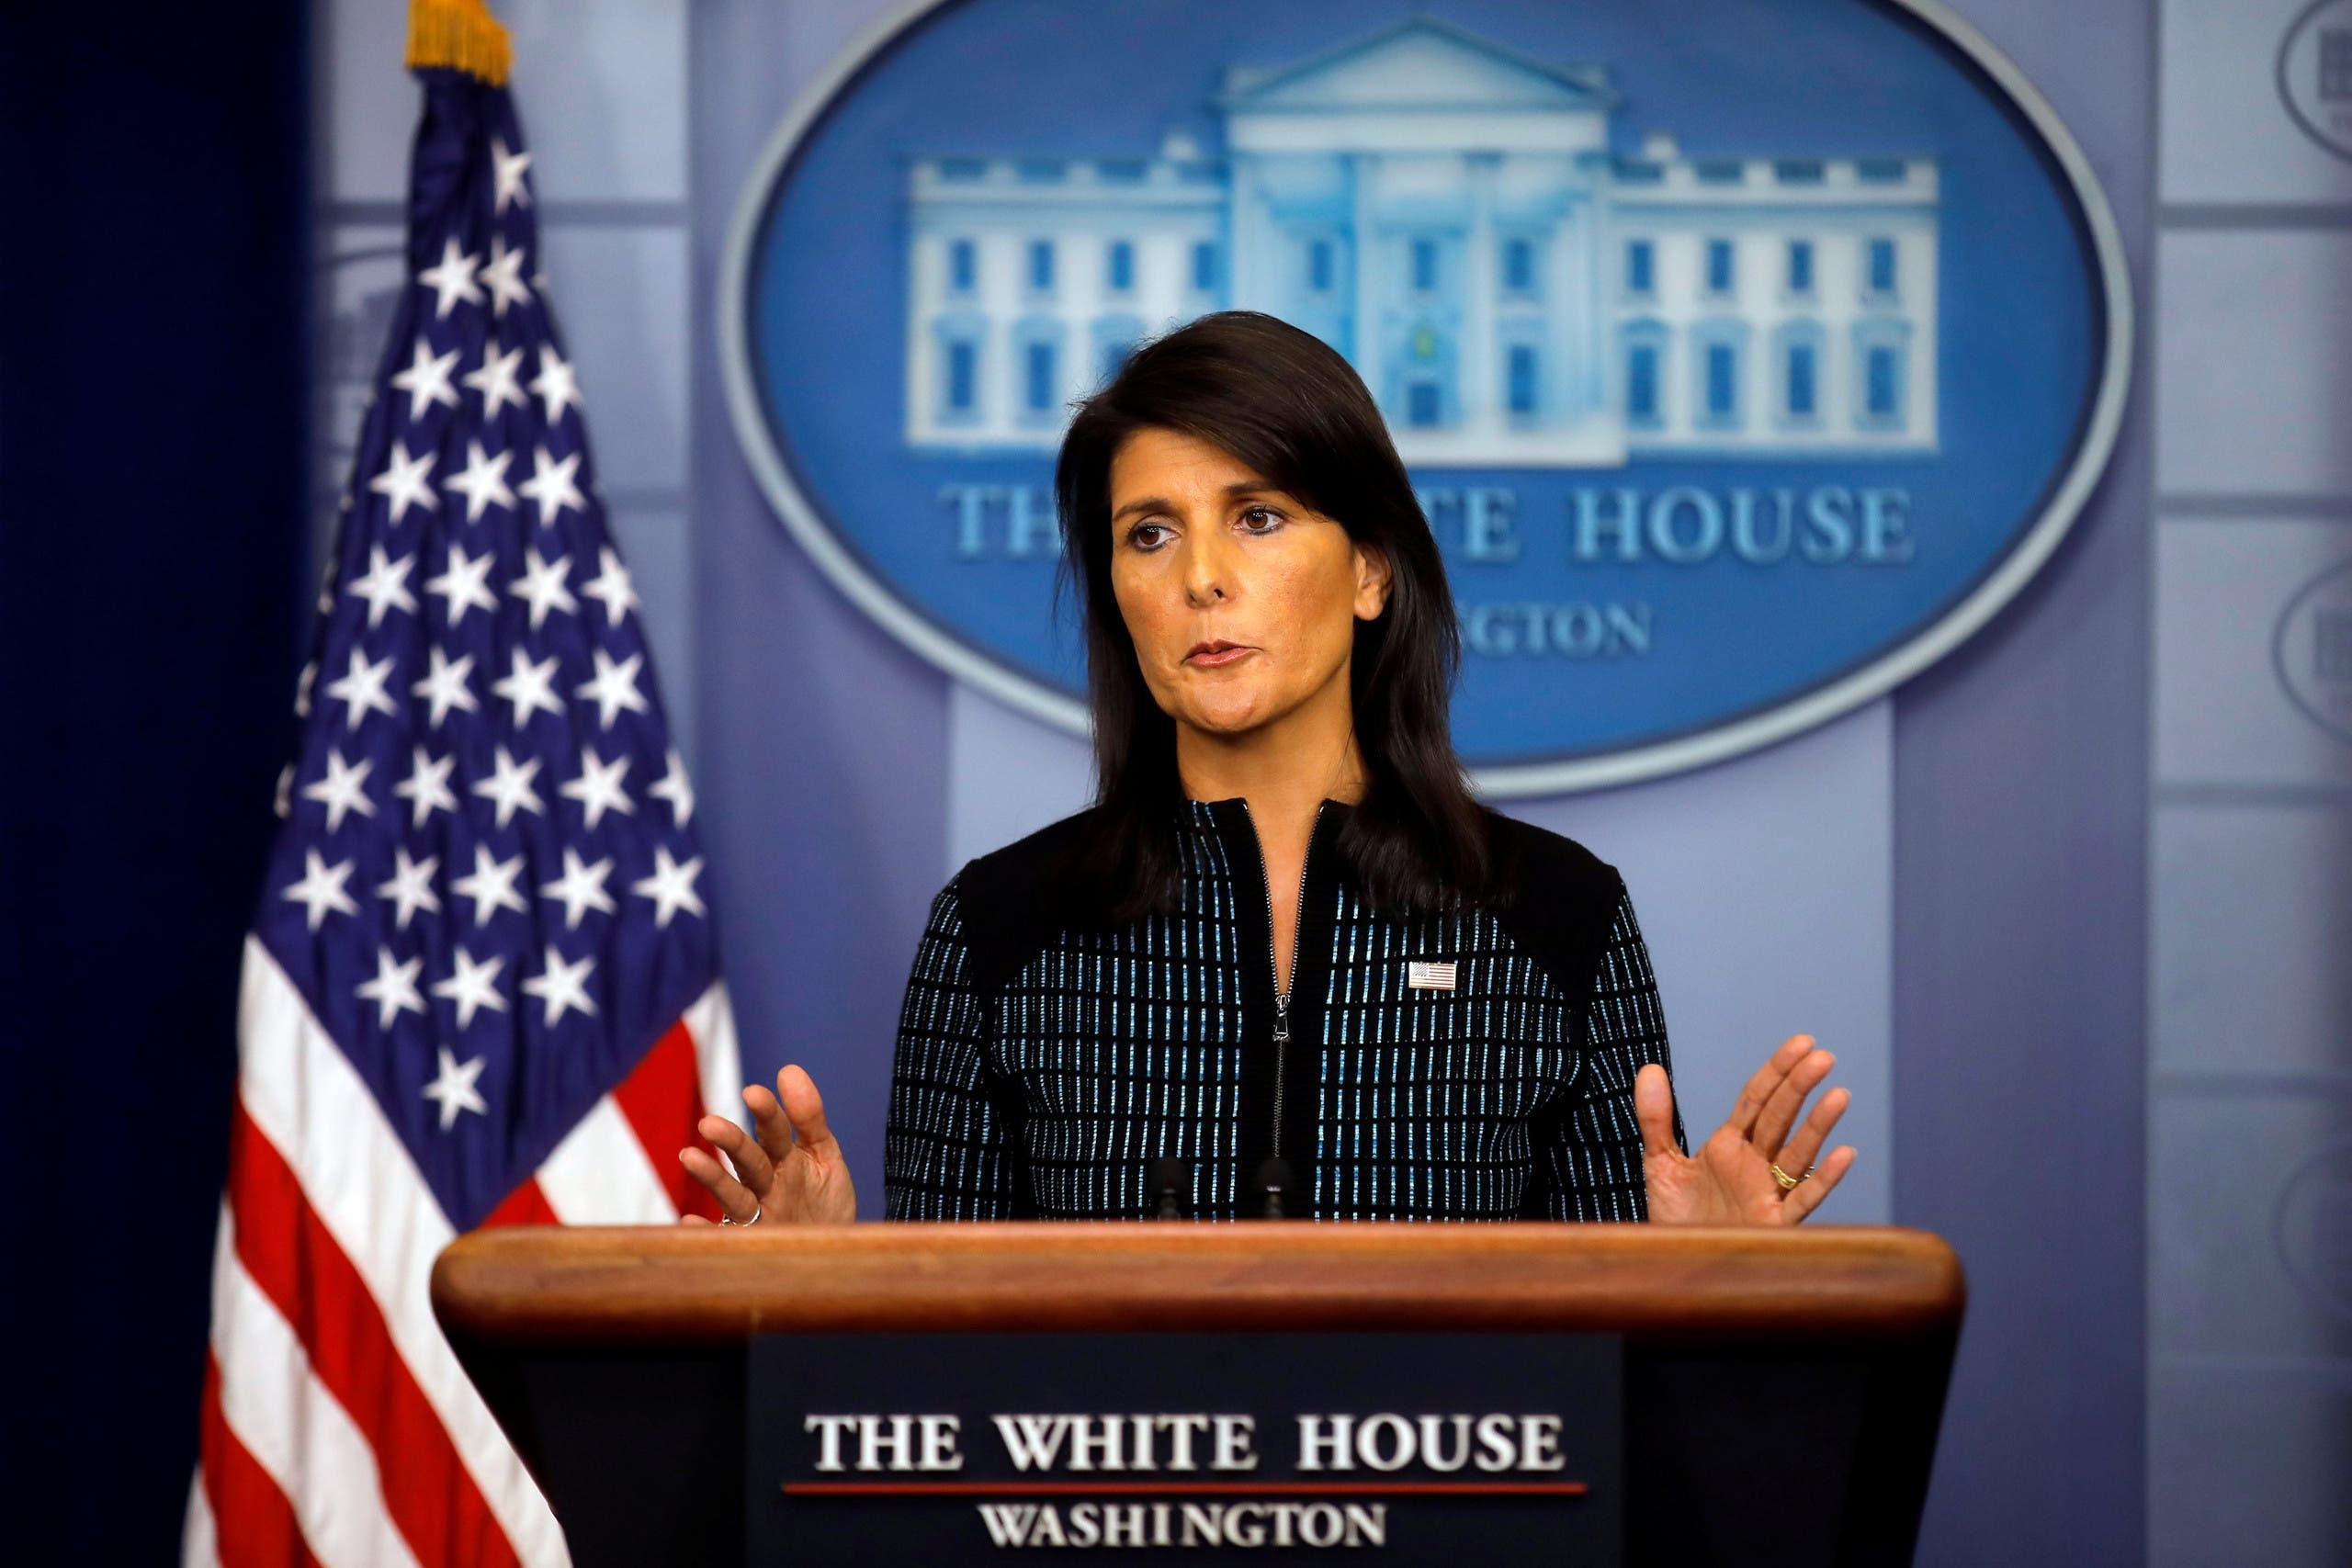 سفيرة أميركا في الأمم المتحدة نيكي هيلي